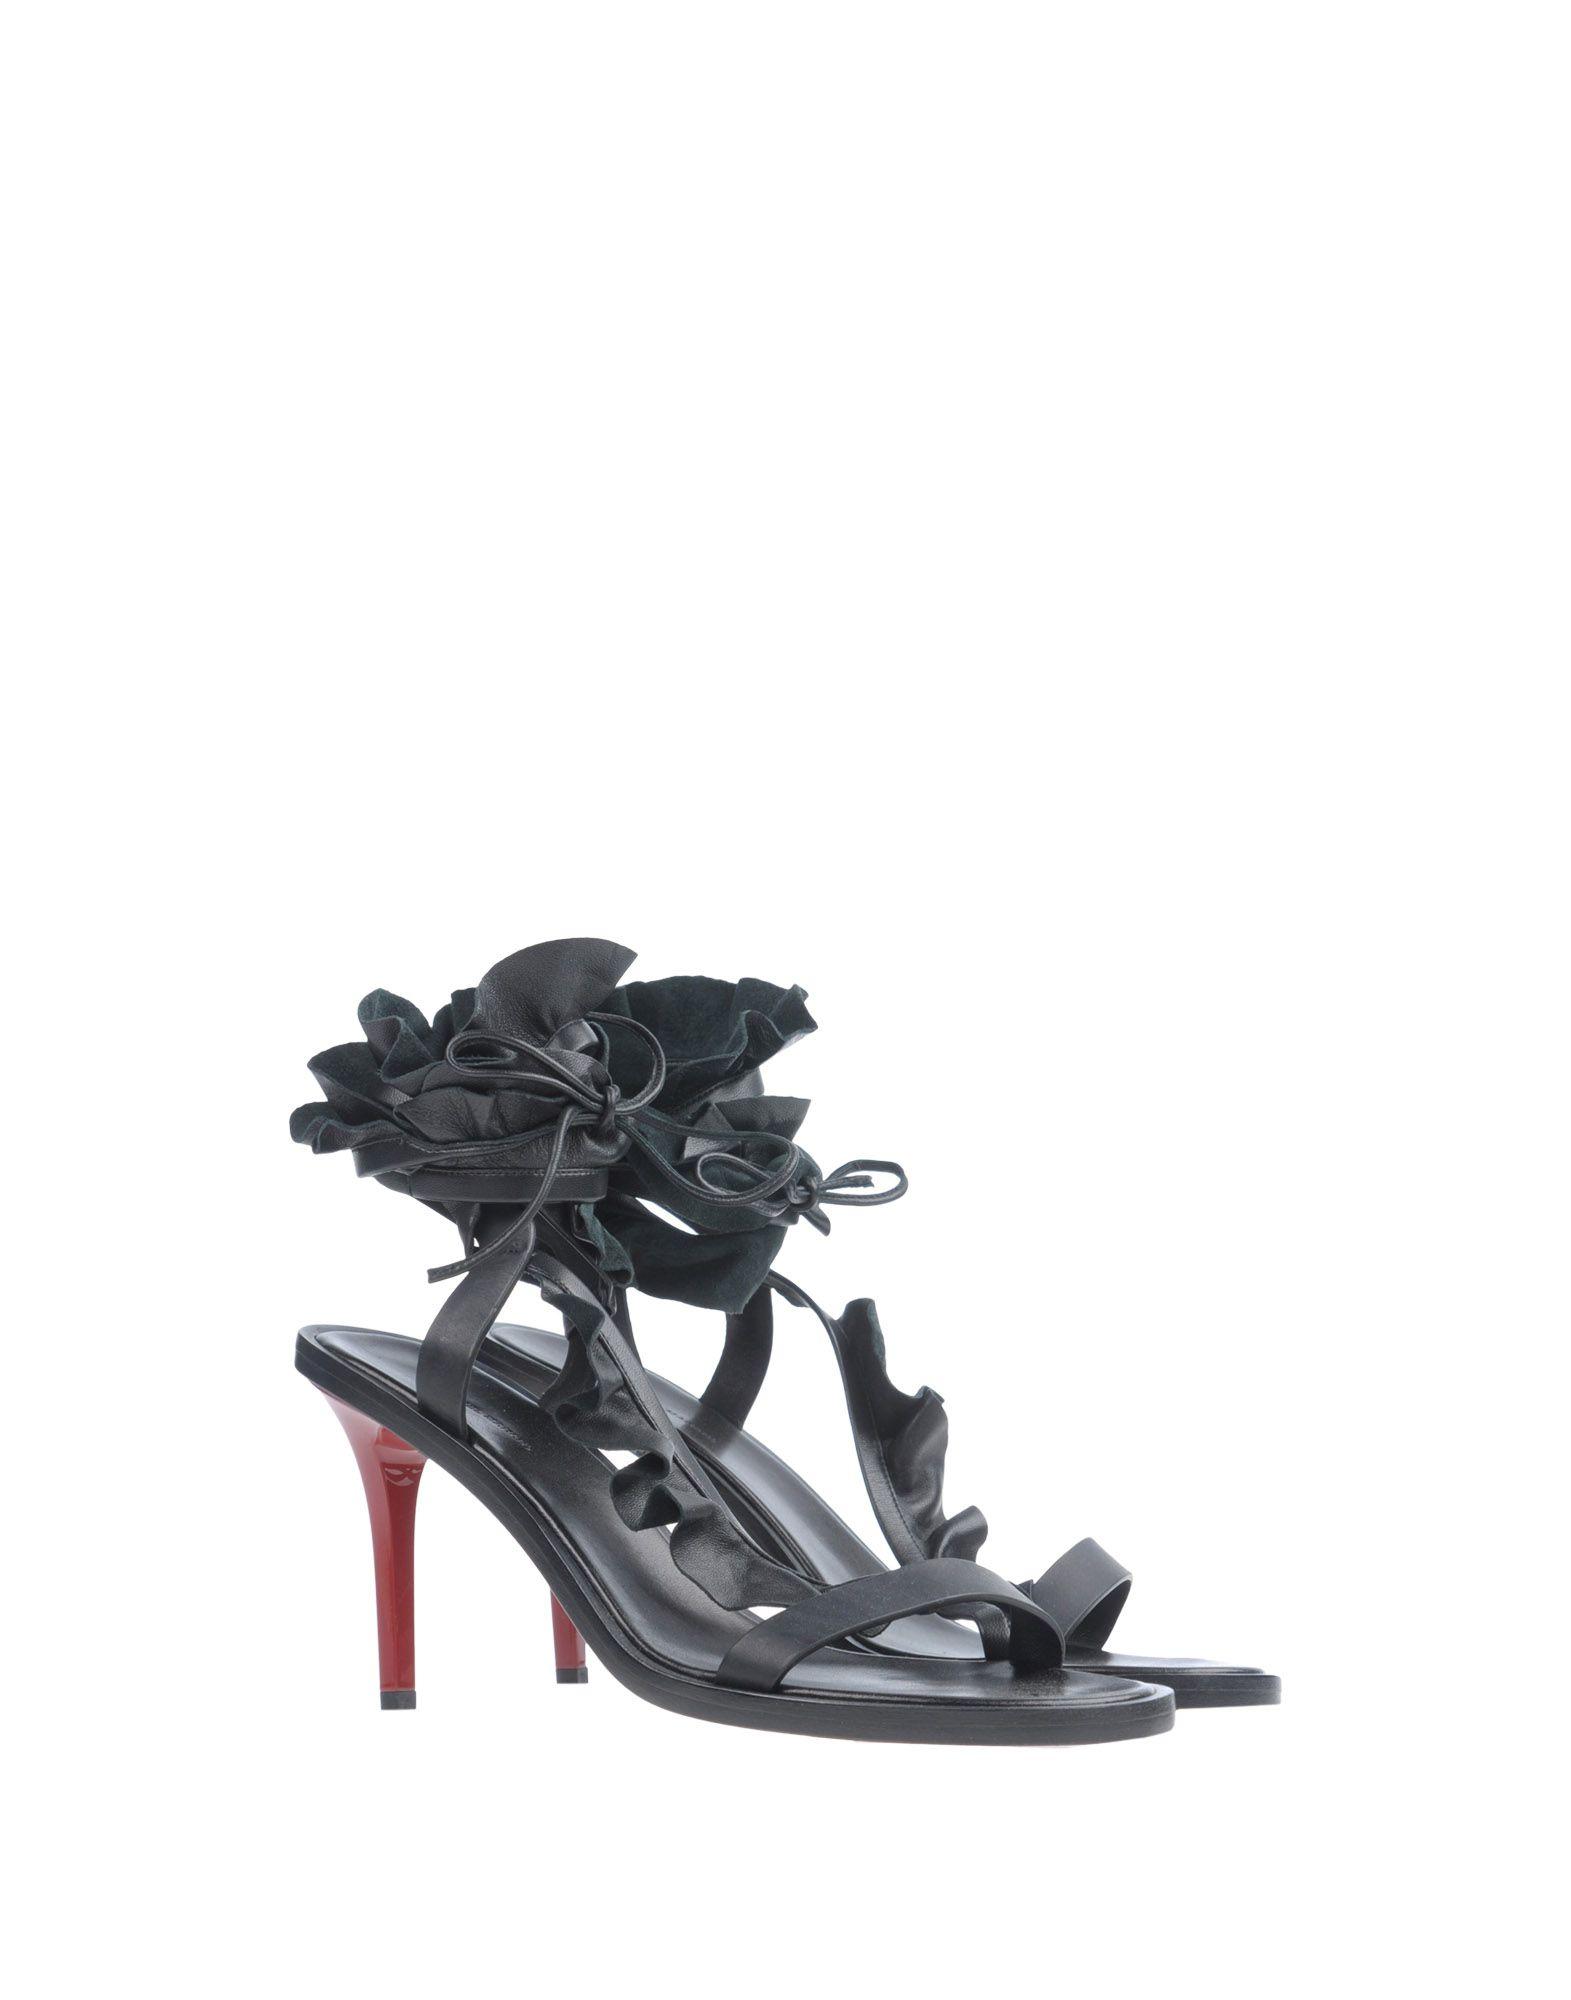 Isabel  Marant Sandalen Damen  Isabel 11337733GMGünstige gut aussehende Schuhe 5b4cf1